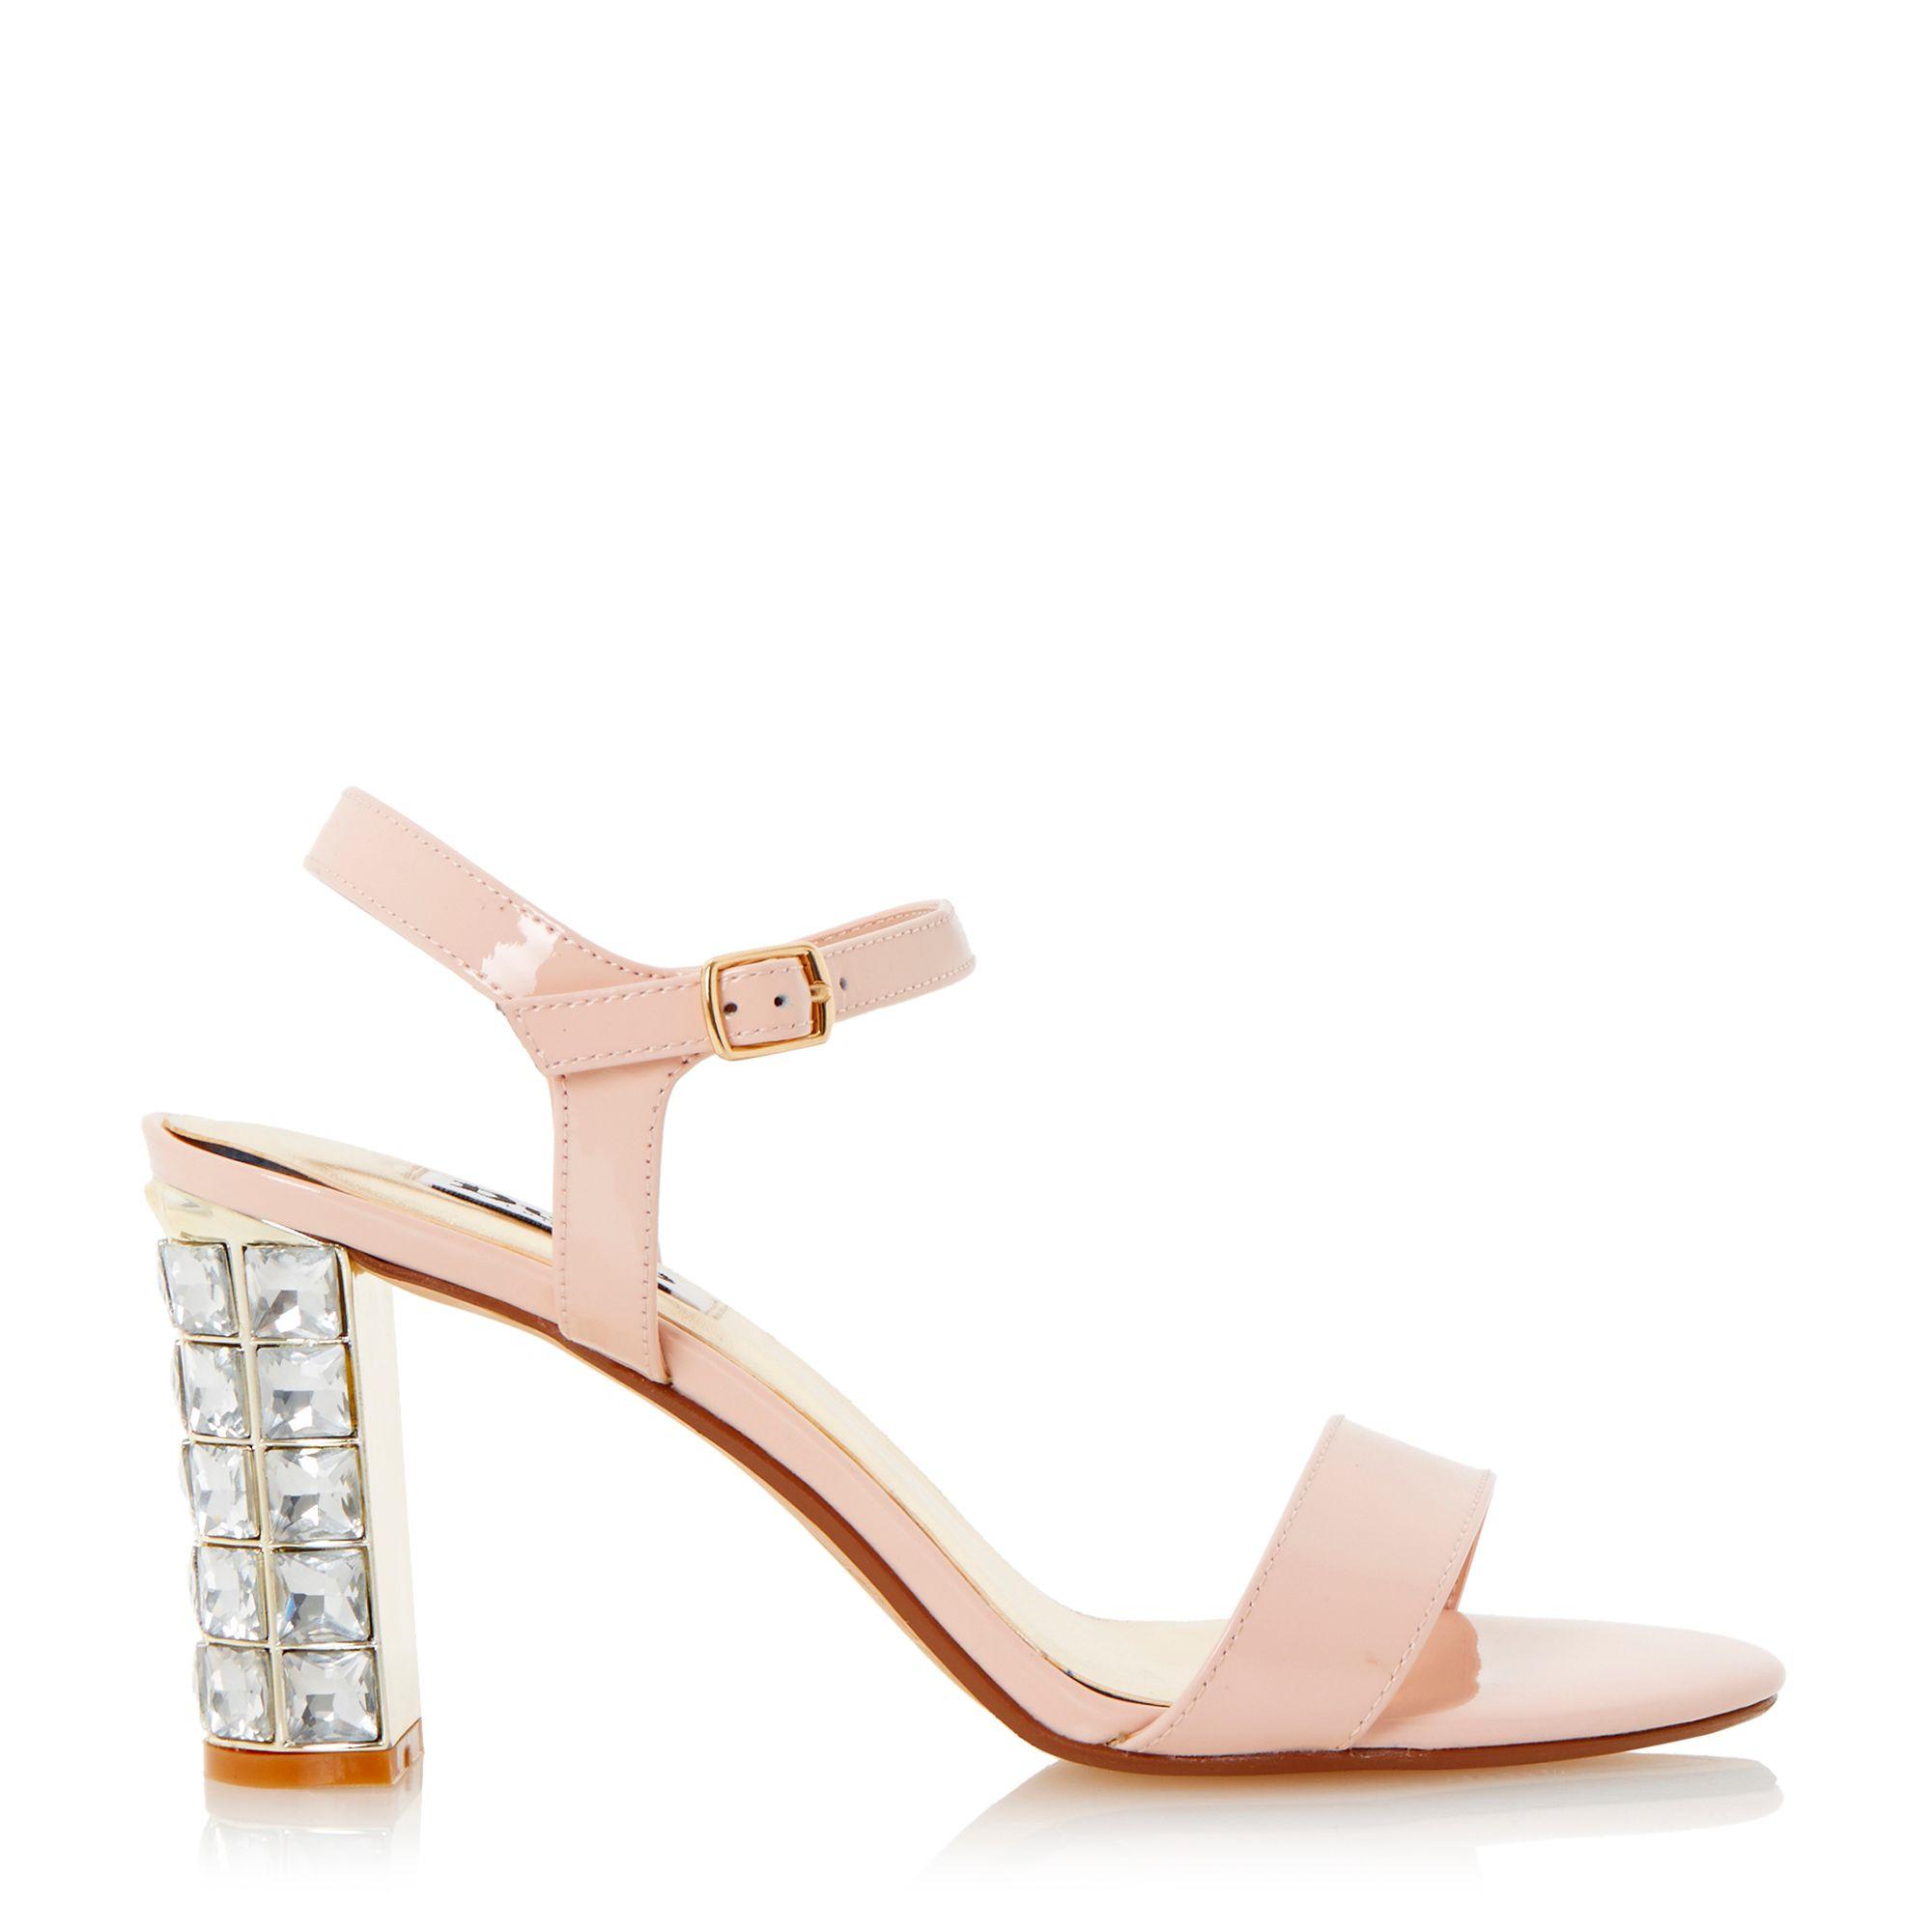 Dune Maia Jewel Block Heel Sandal in Pink   Lyst